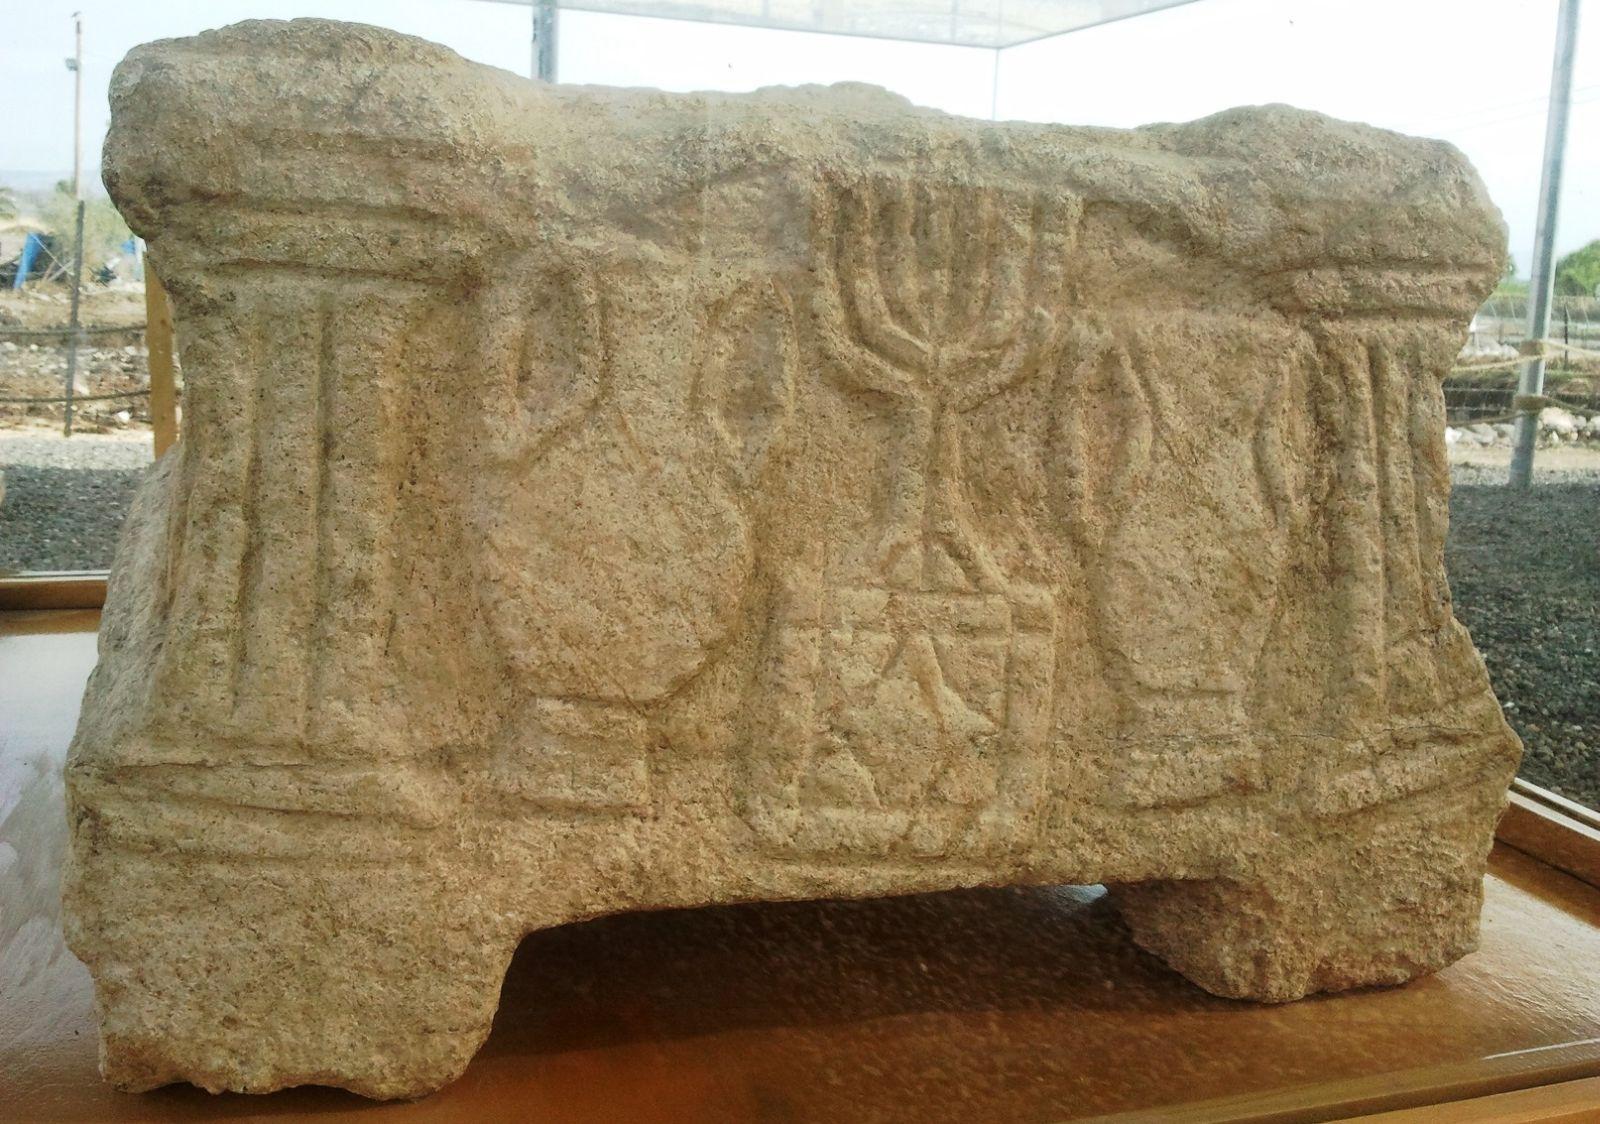 The Magdala Stone. Photo via Wikimedia Commons